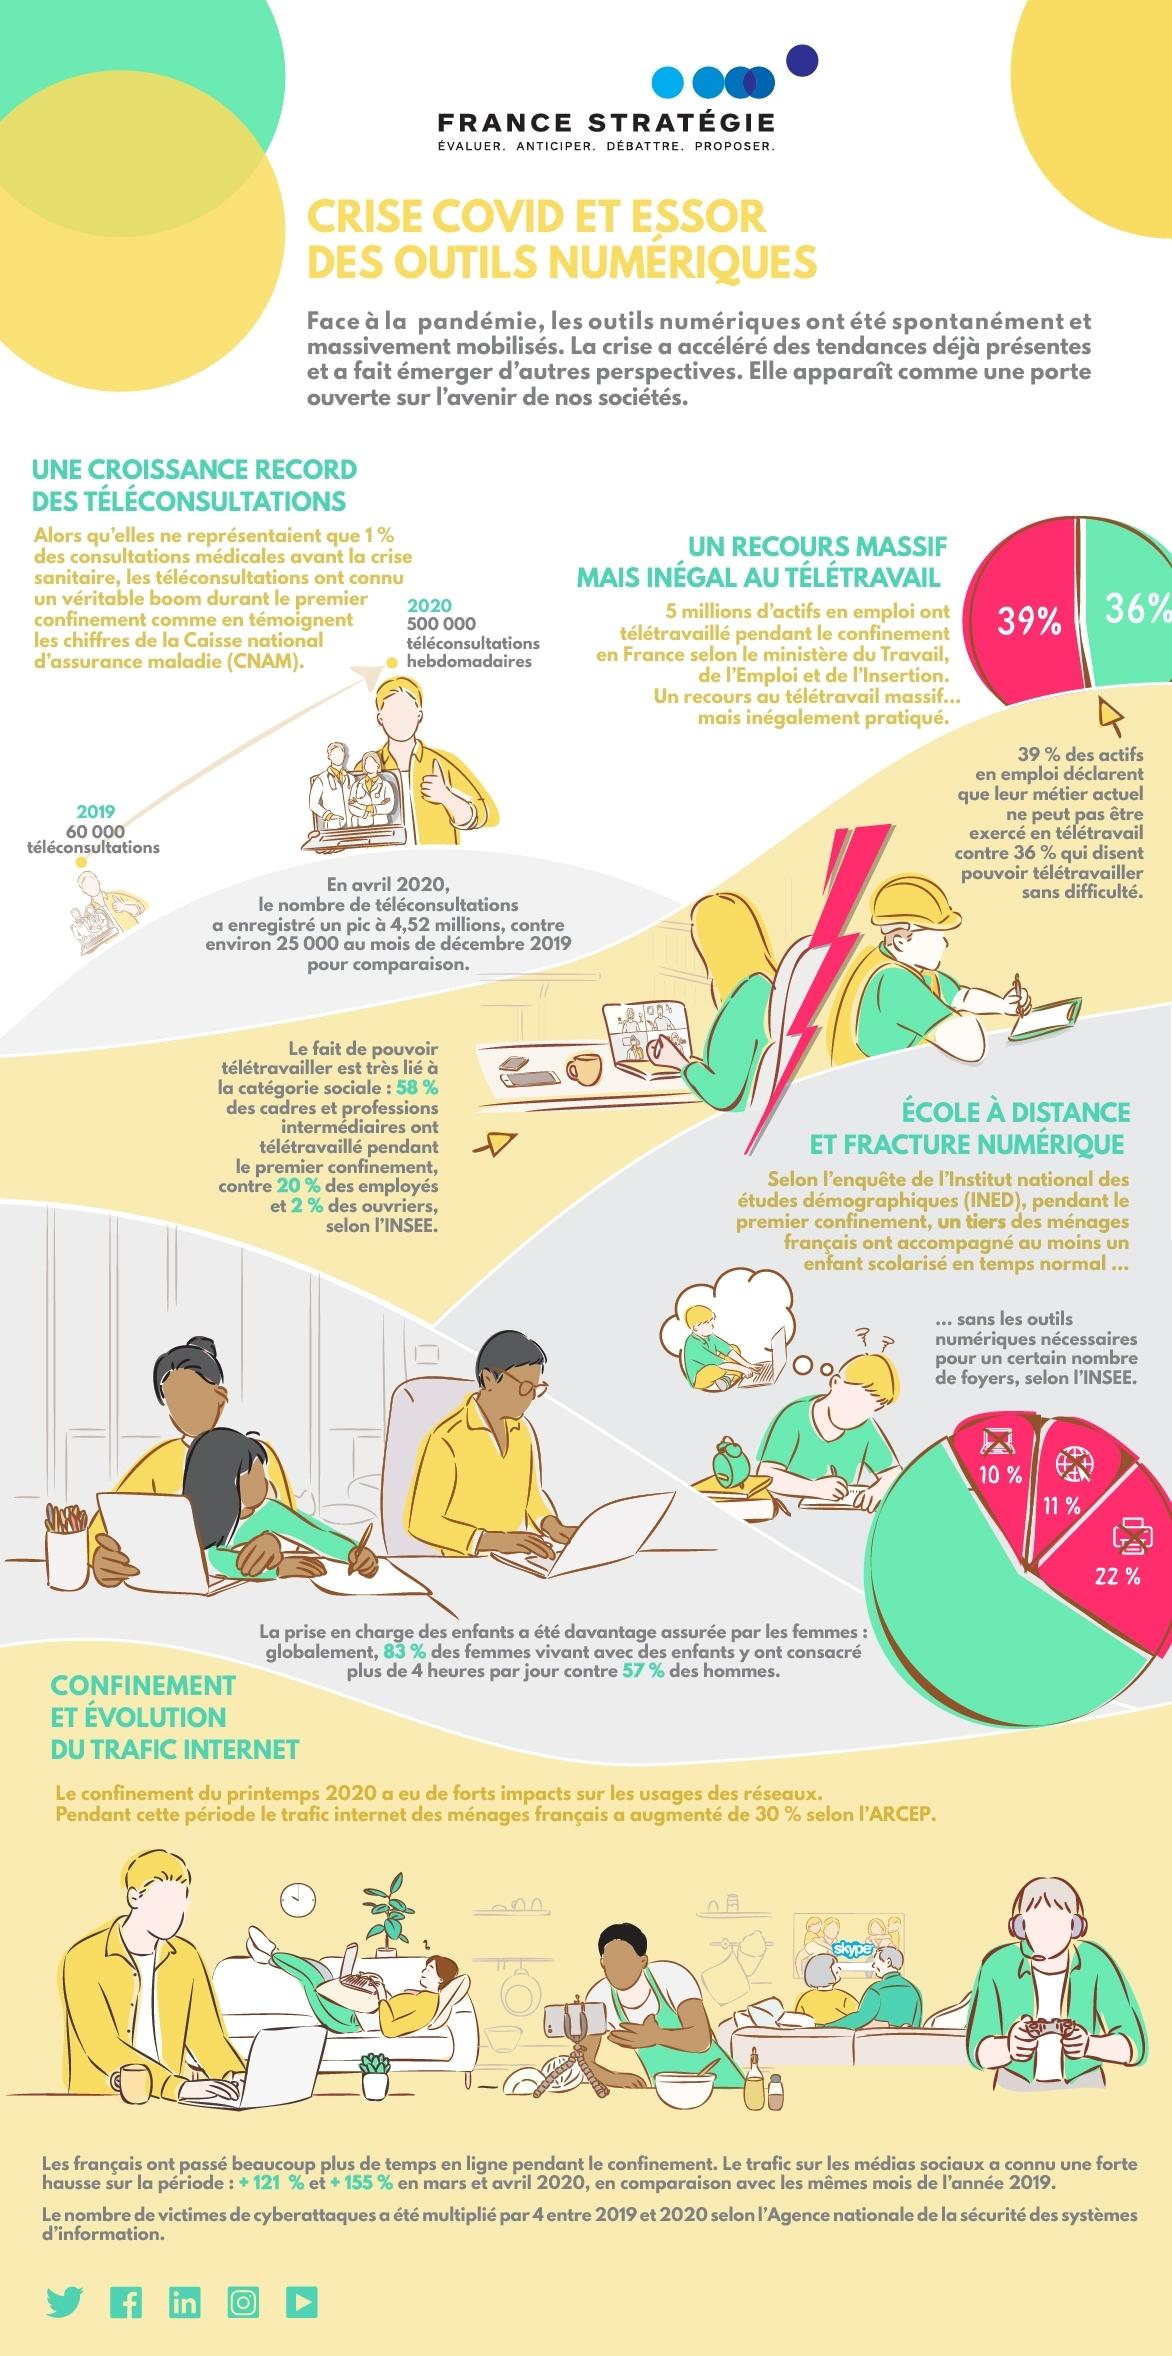 Infographie - Crise Covid et essor des outils numériques